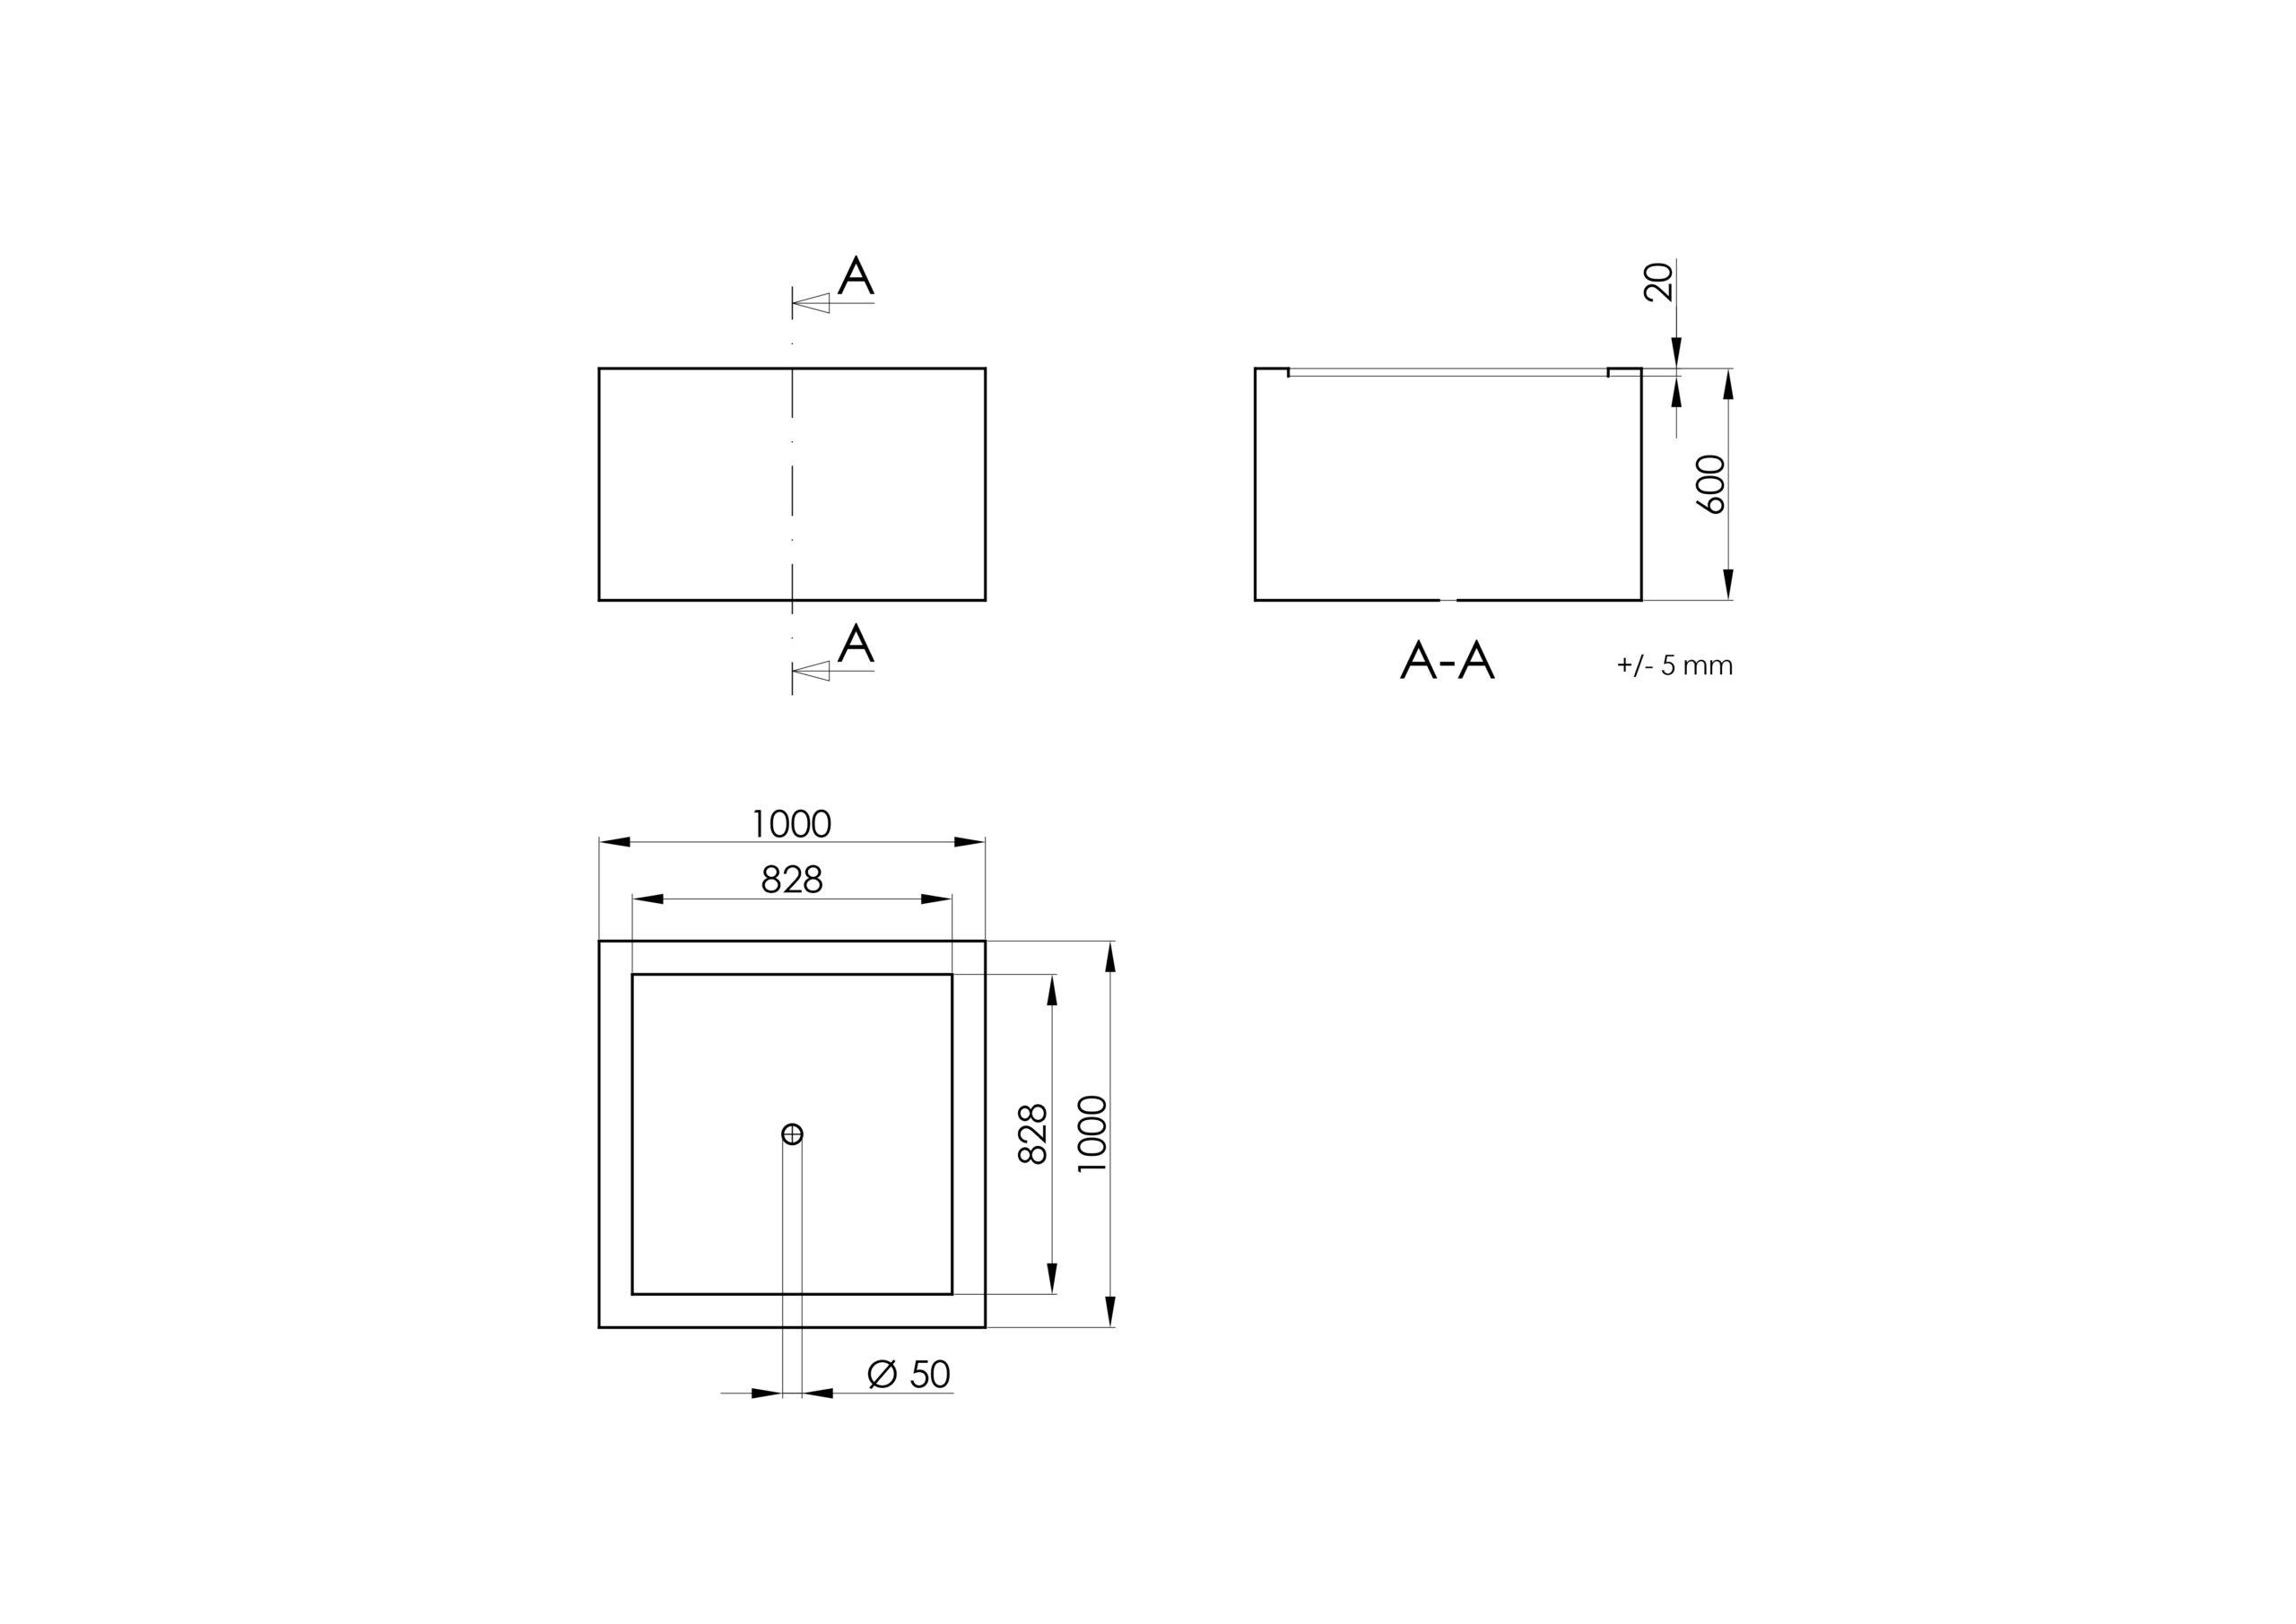 Antonio 7 - Technisches Zeichnen